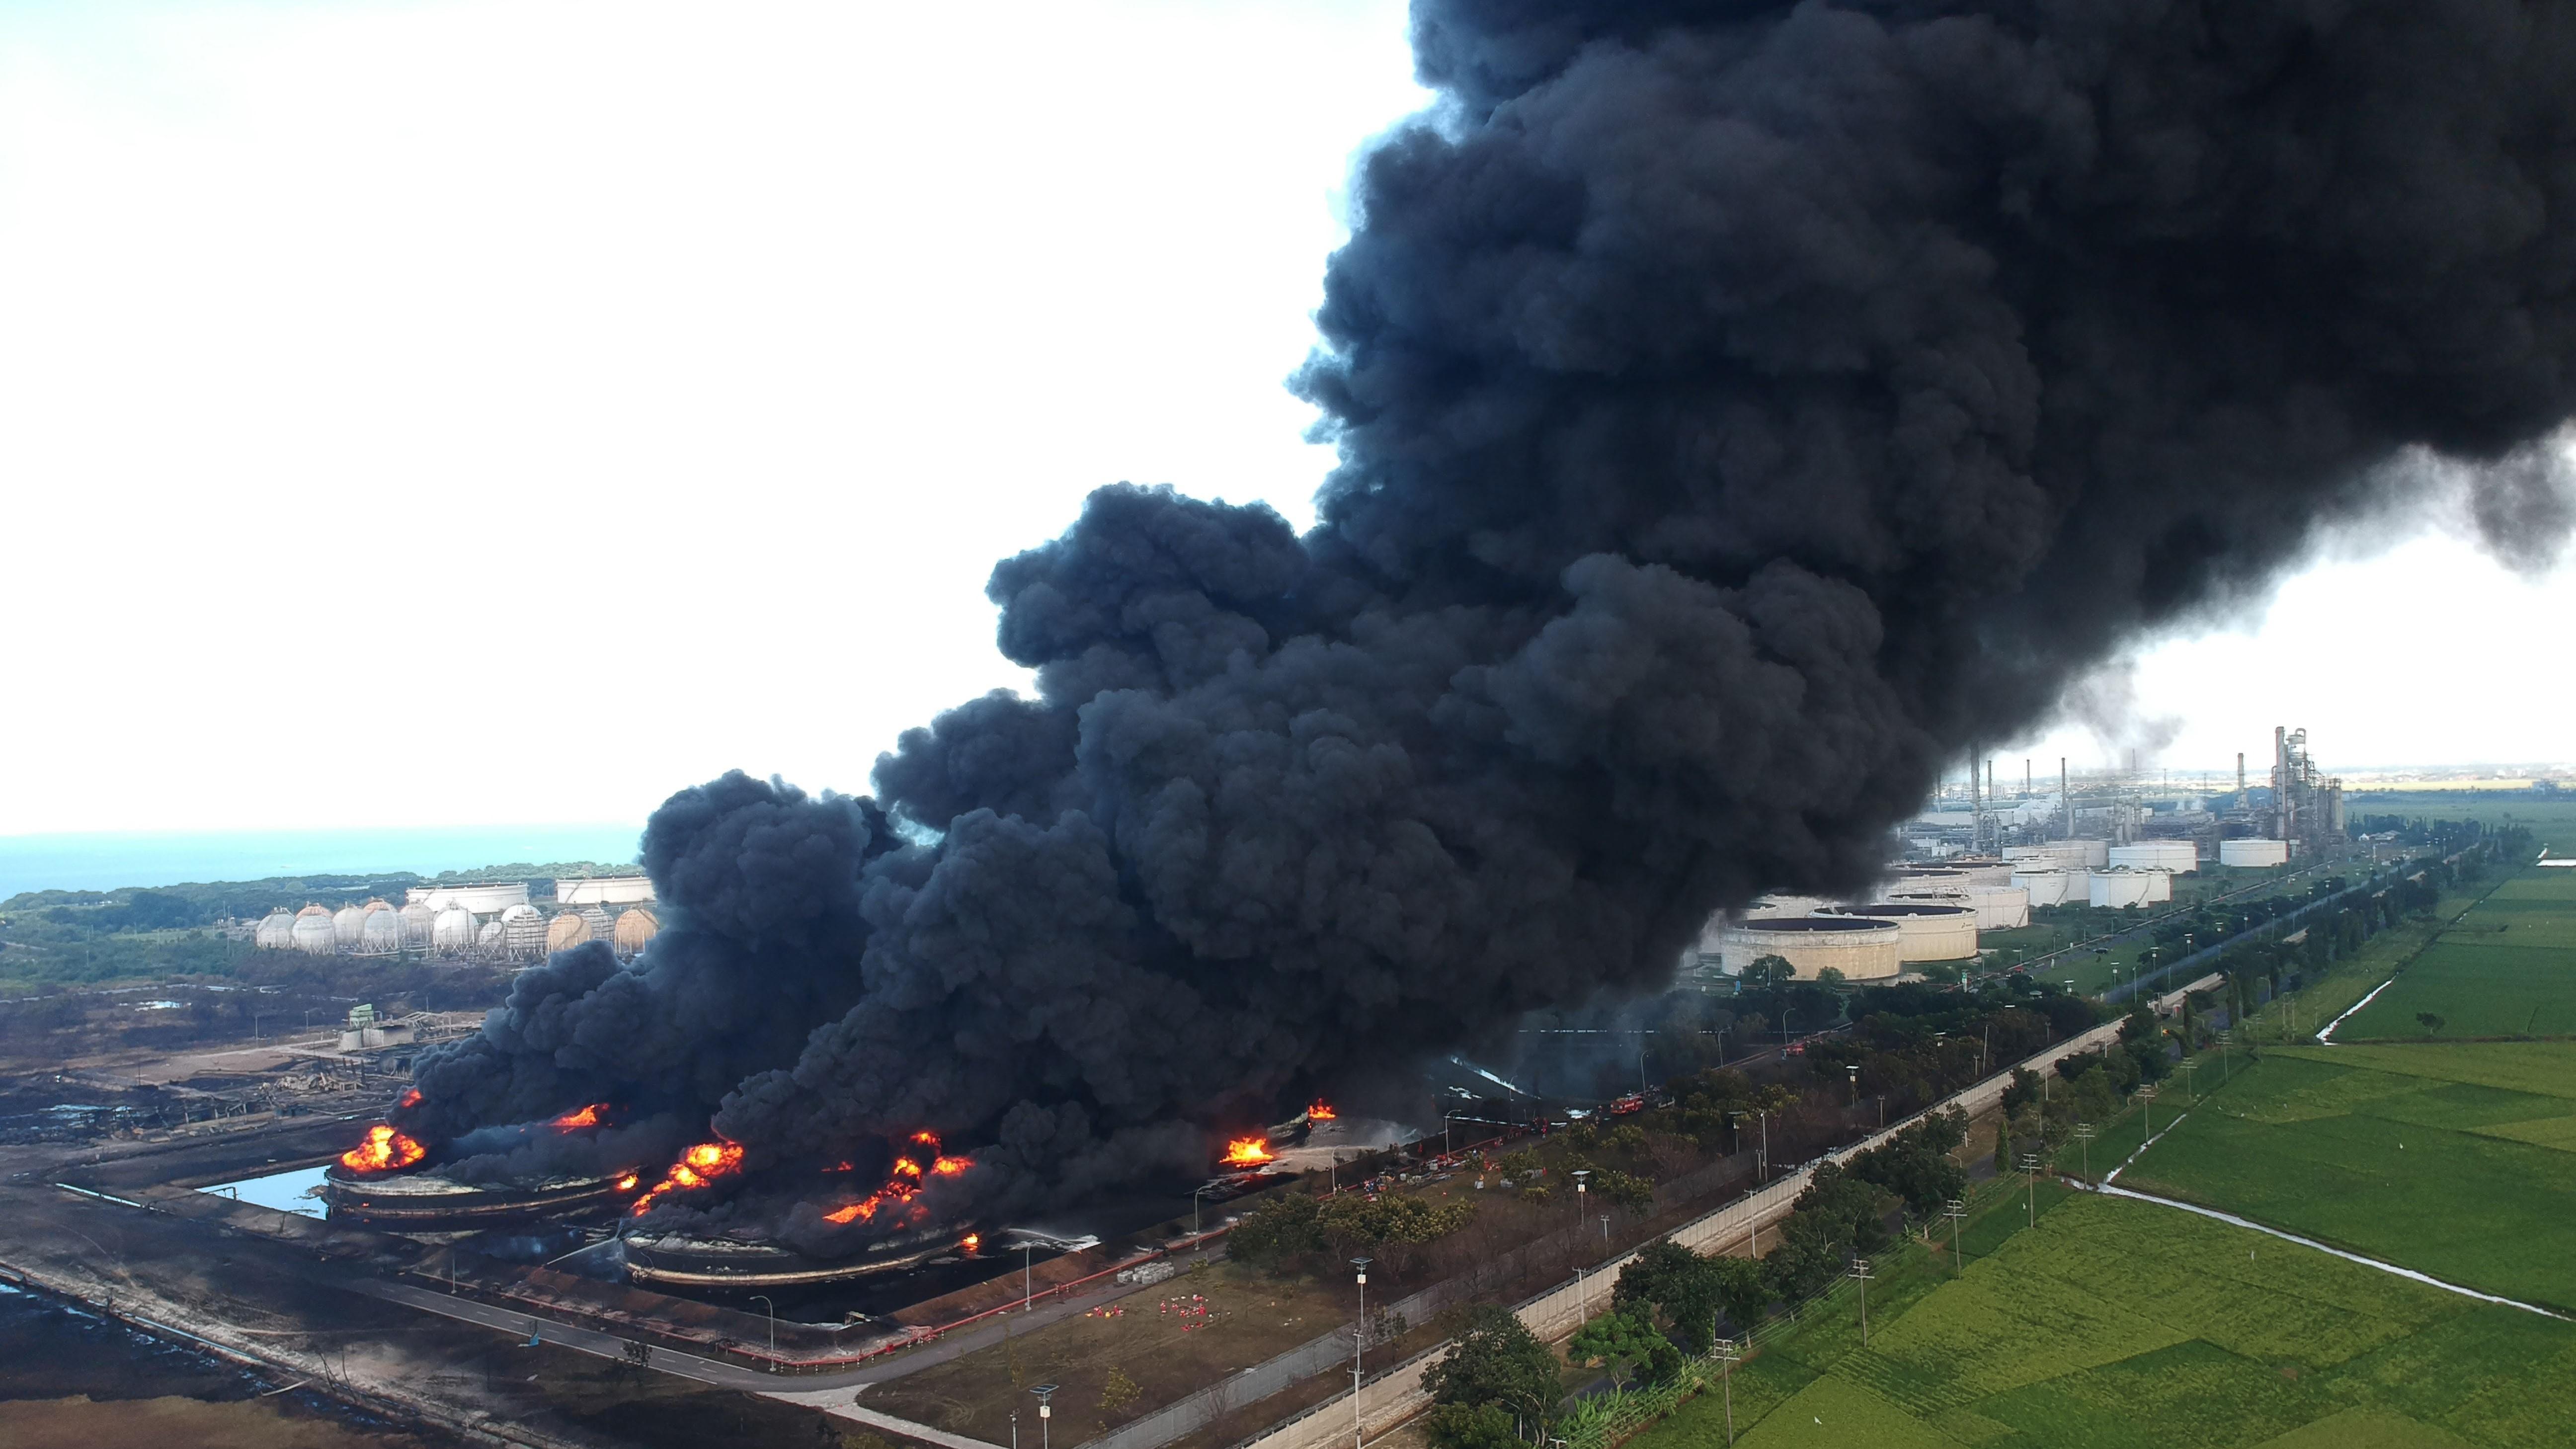 La photo aérienne montre une épaisse fumée qui monte en raison d'un incendie dans la raffinerie de pétrole de Pertamina.